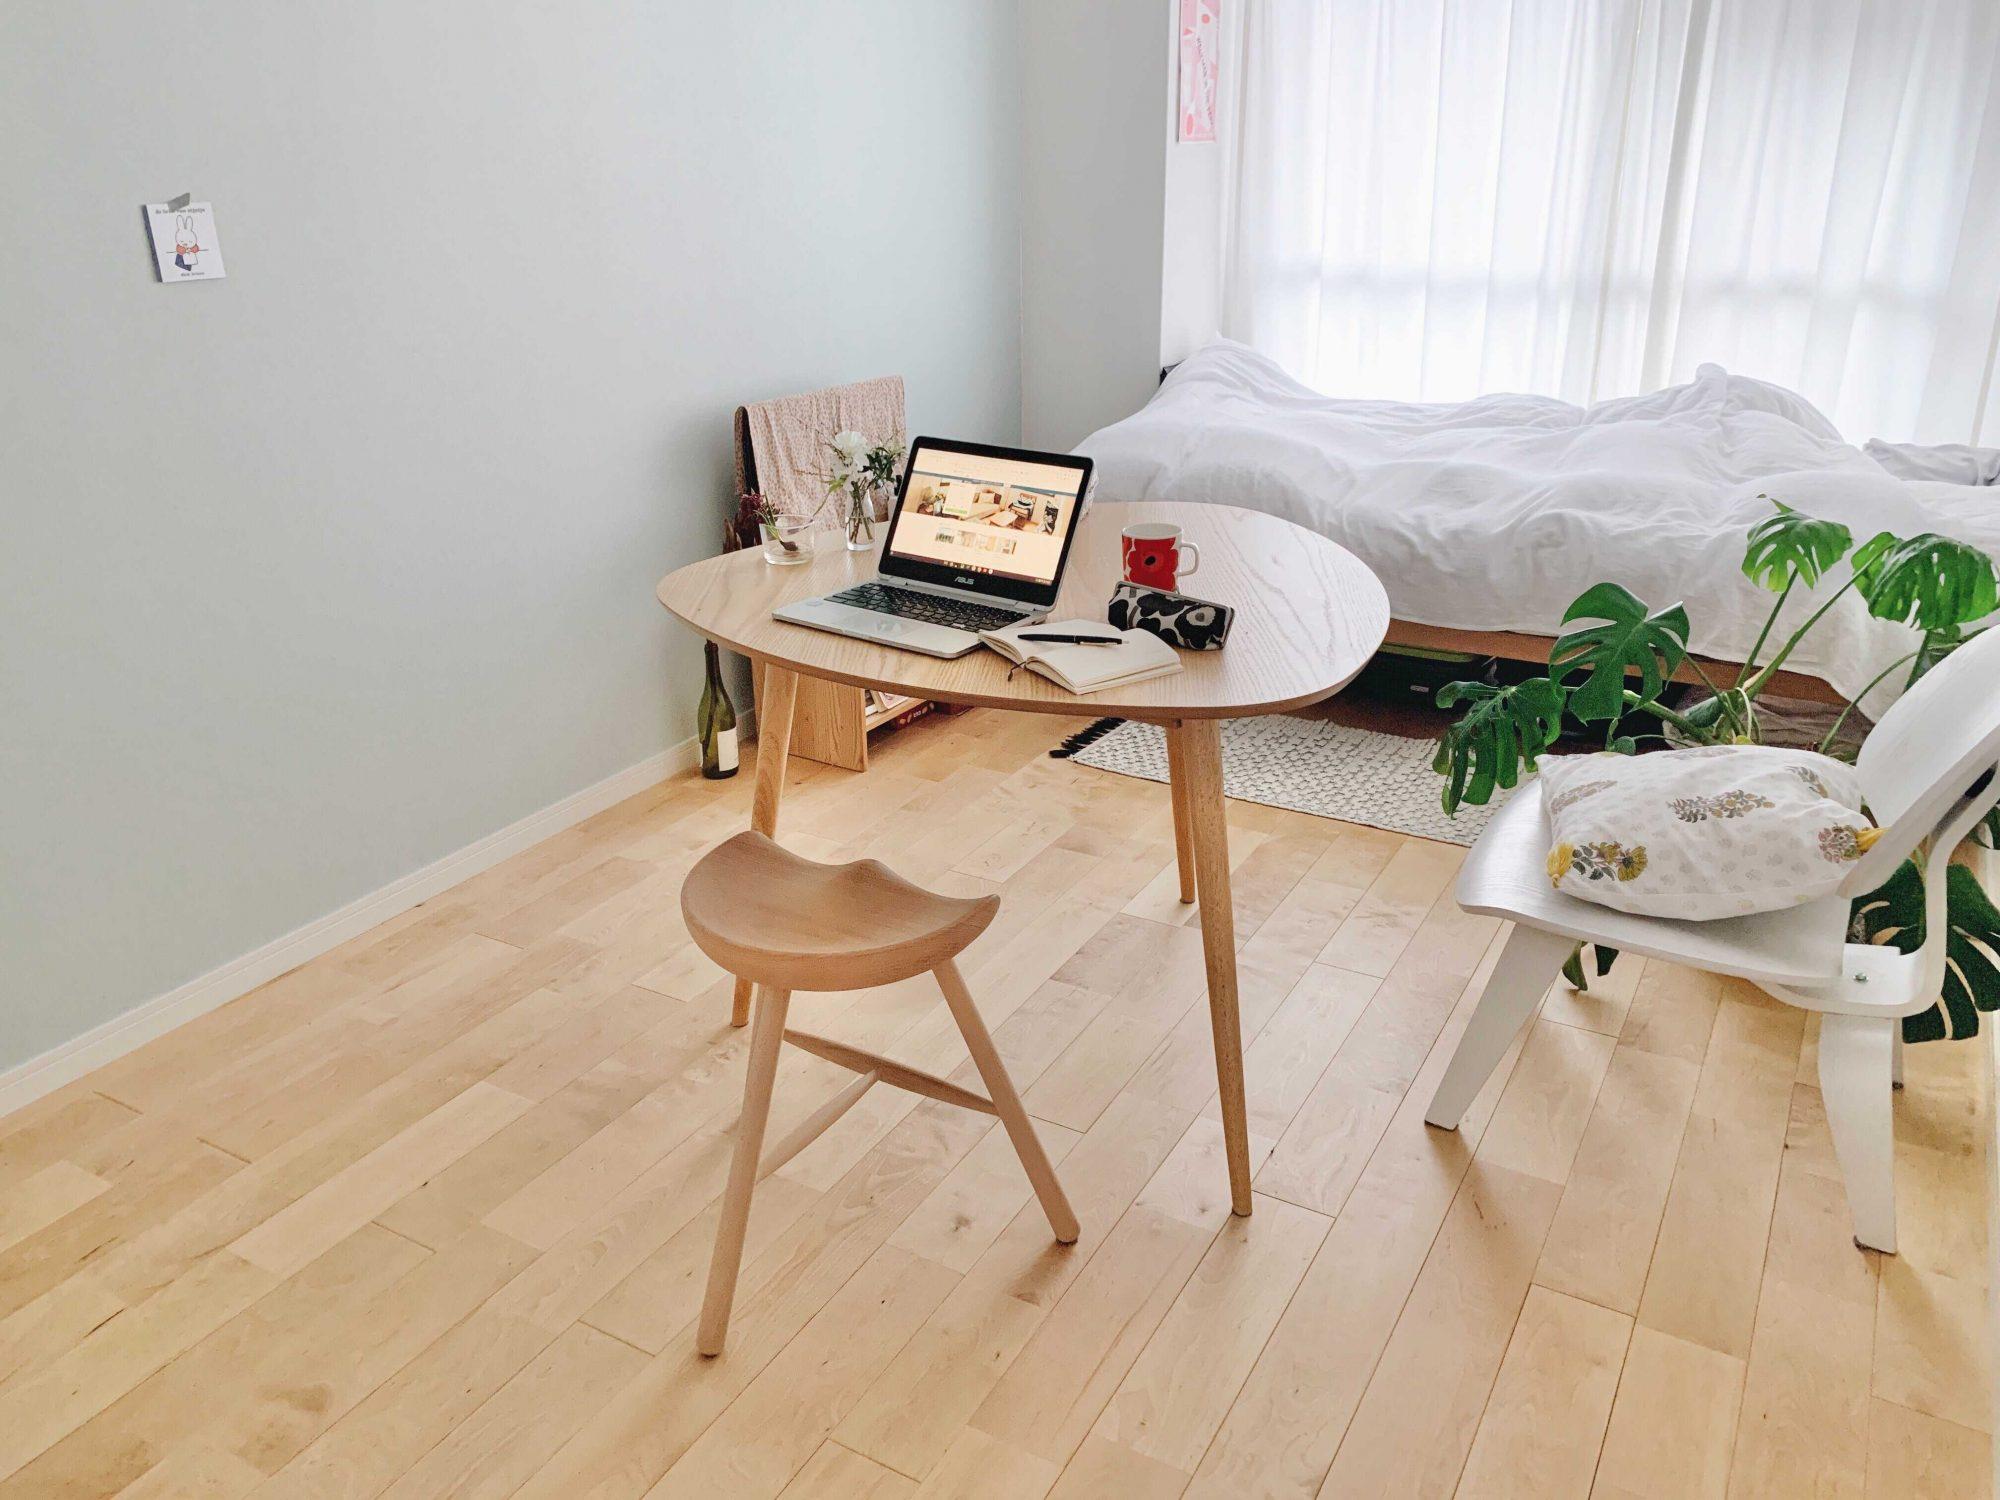 まずは真ん中に設置。ナチュラルな内装のお部屋にスッと馴染んでいて、柔らかさを感じます。この状態であれば3人で使用することもできますね。